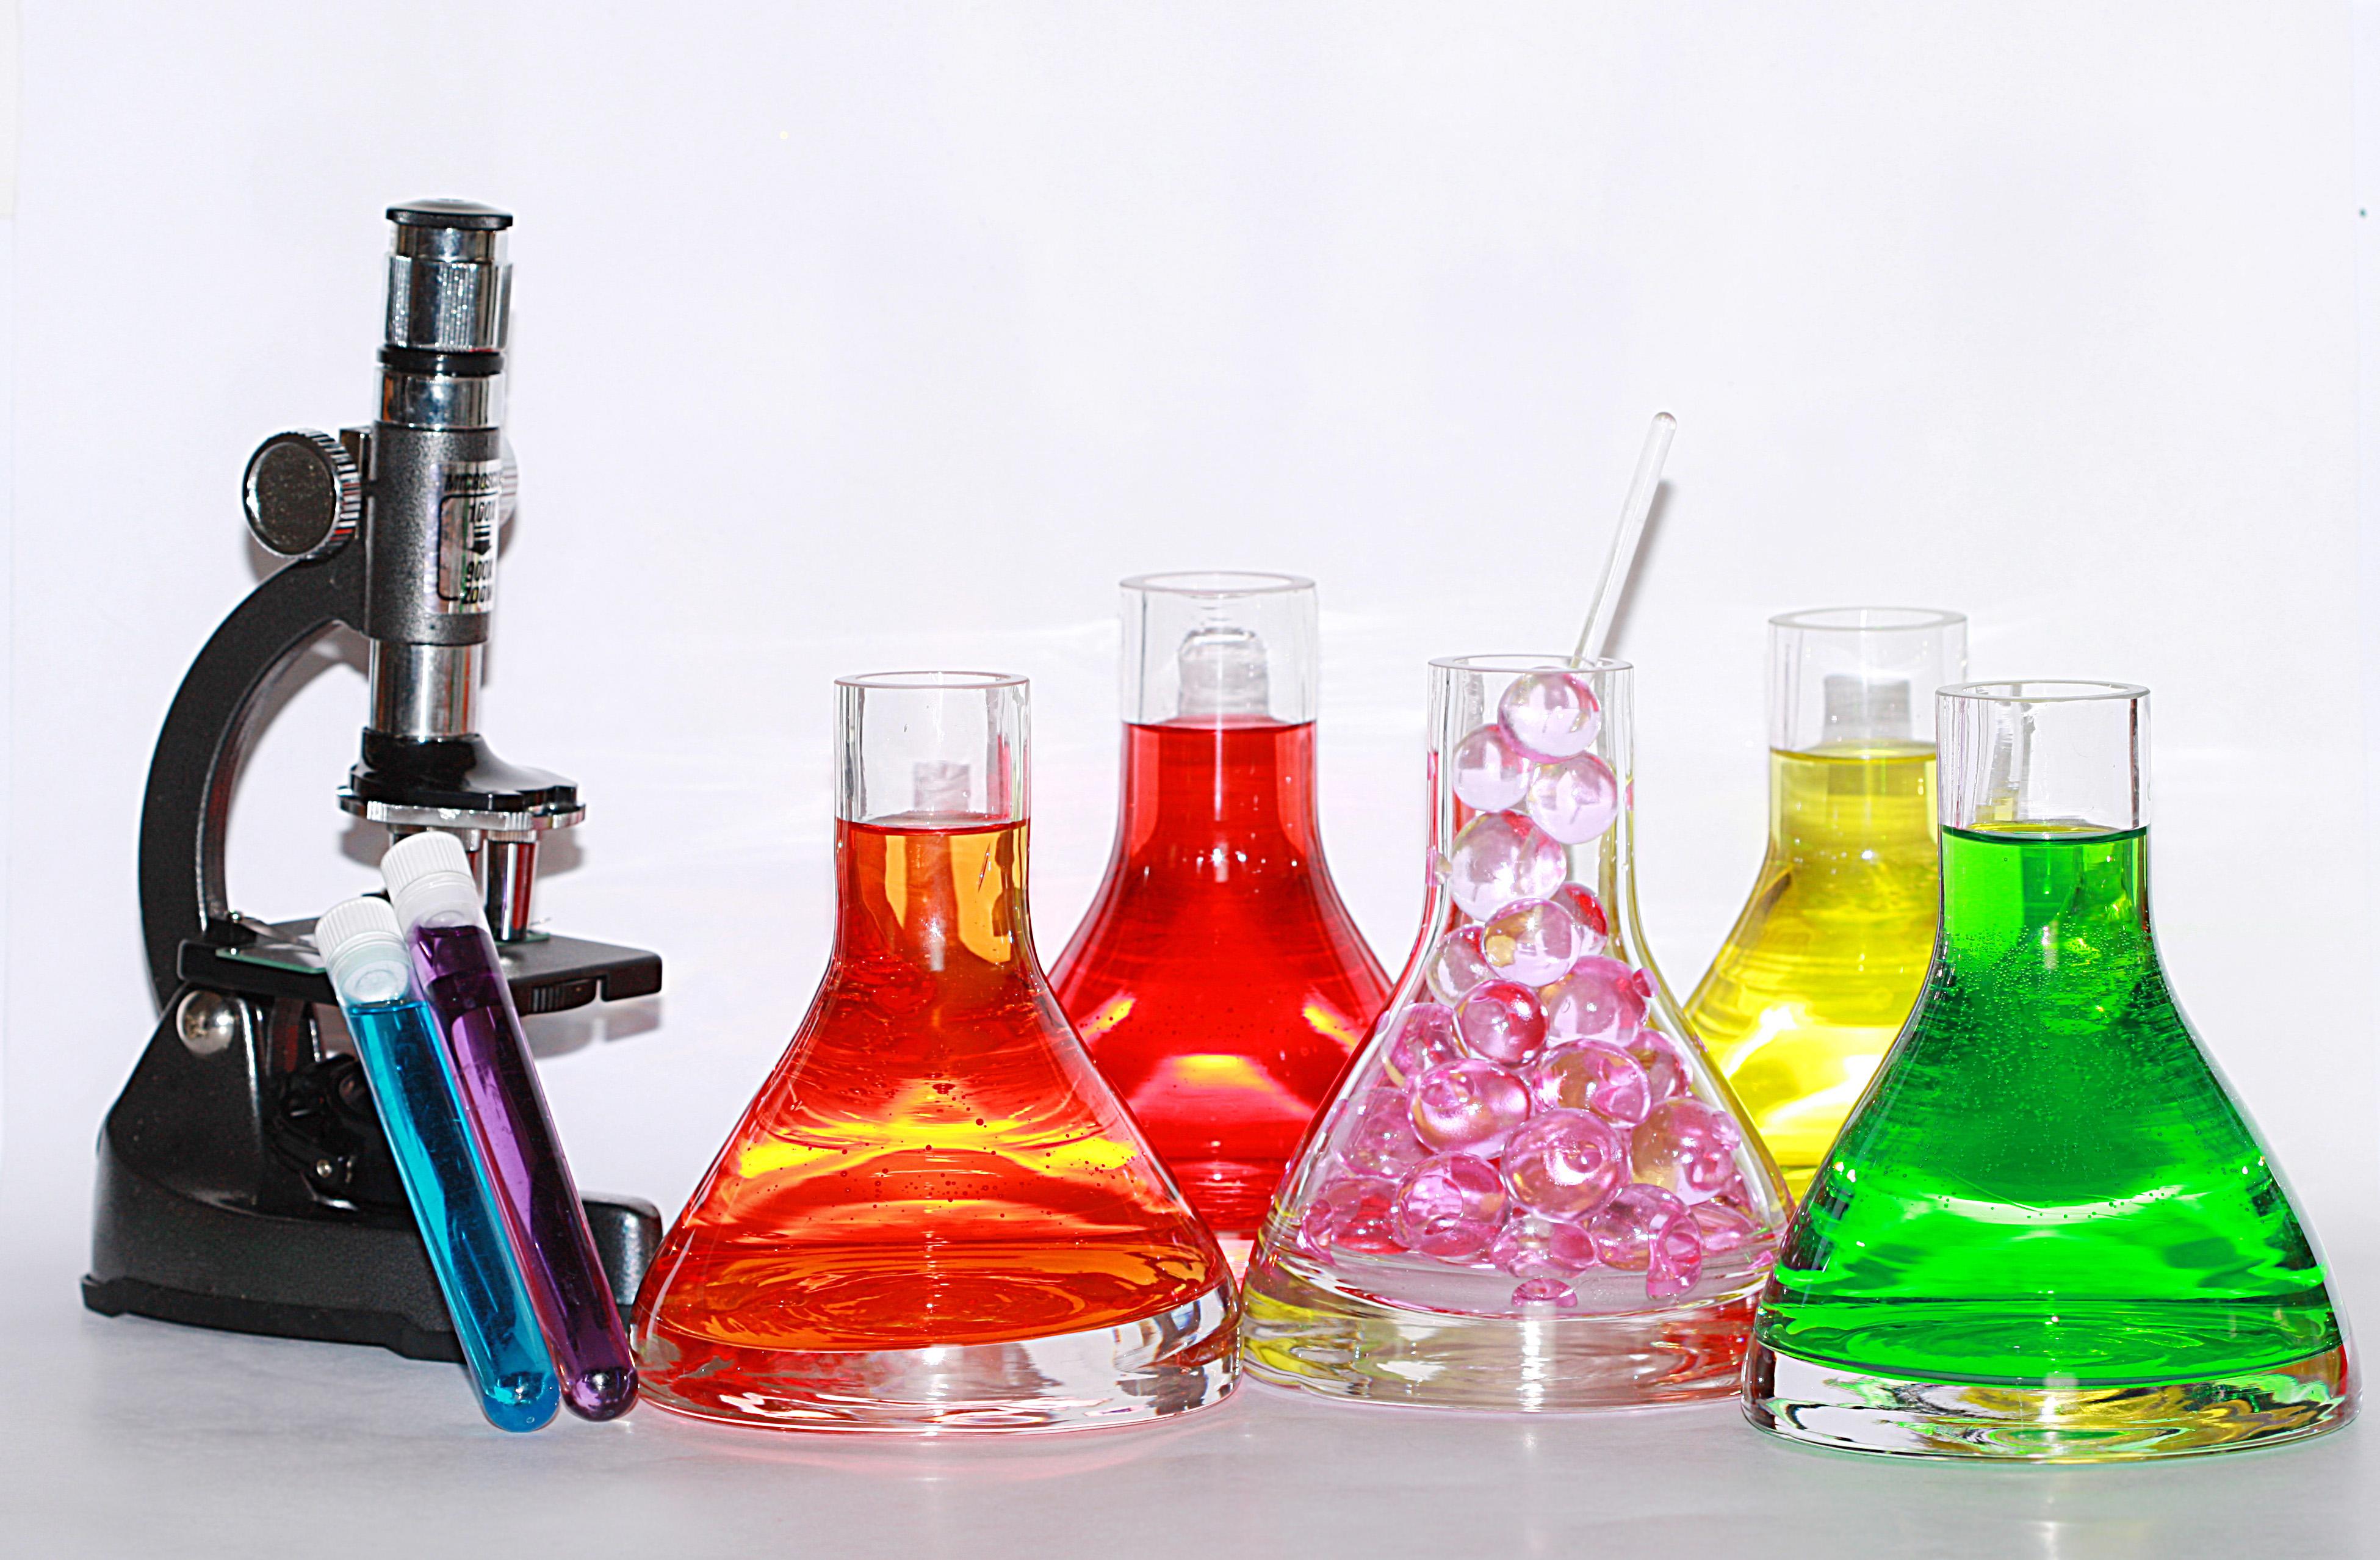 Lecții de chimie mai atractive la liceu și gimnaziu